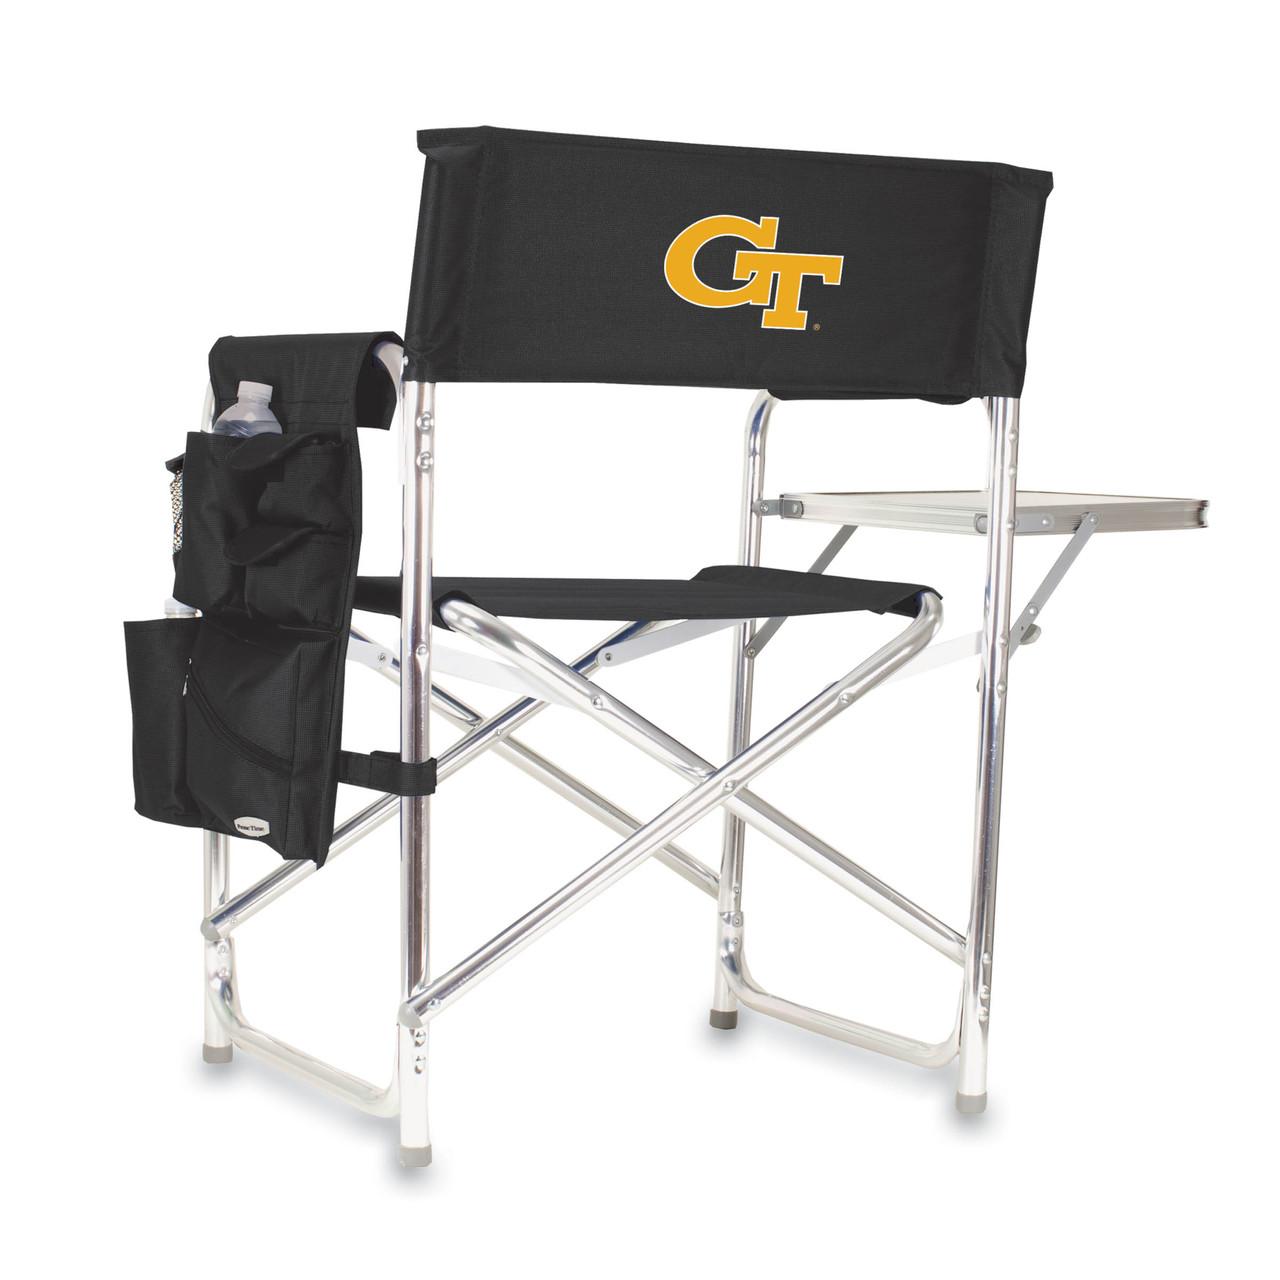 Sports Chair - Georgia Tech